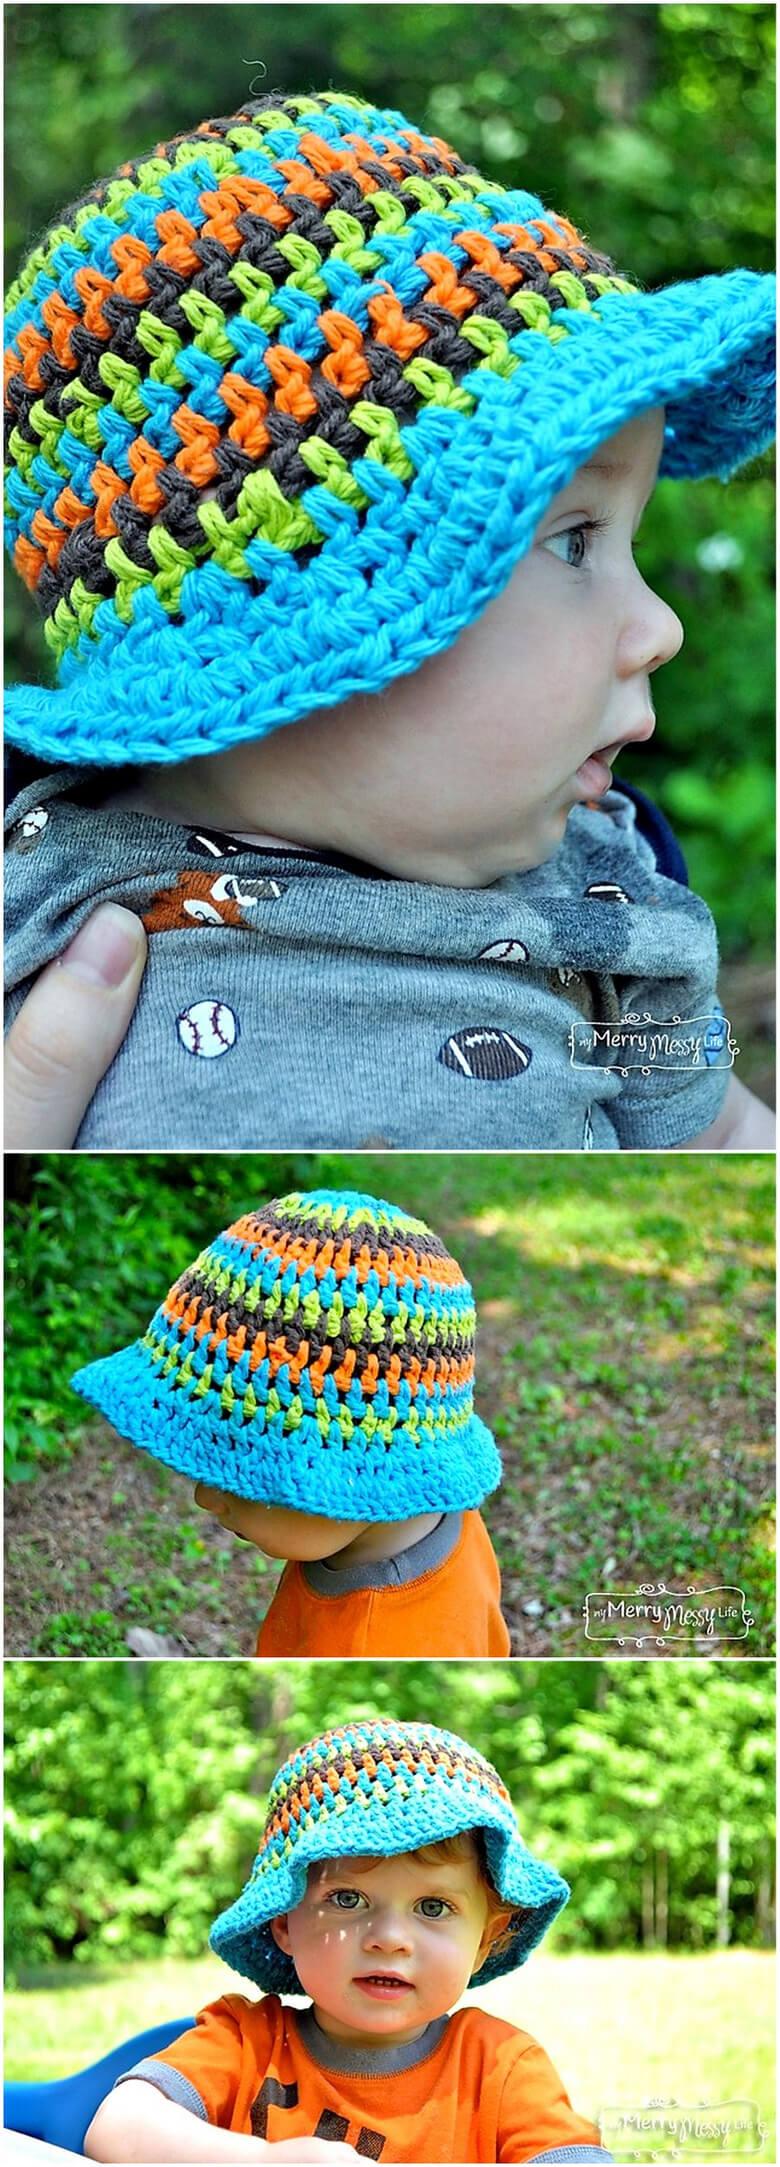 Crochet Sun Hat Free Patterns for Kids | 1001 Crochet